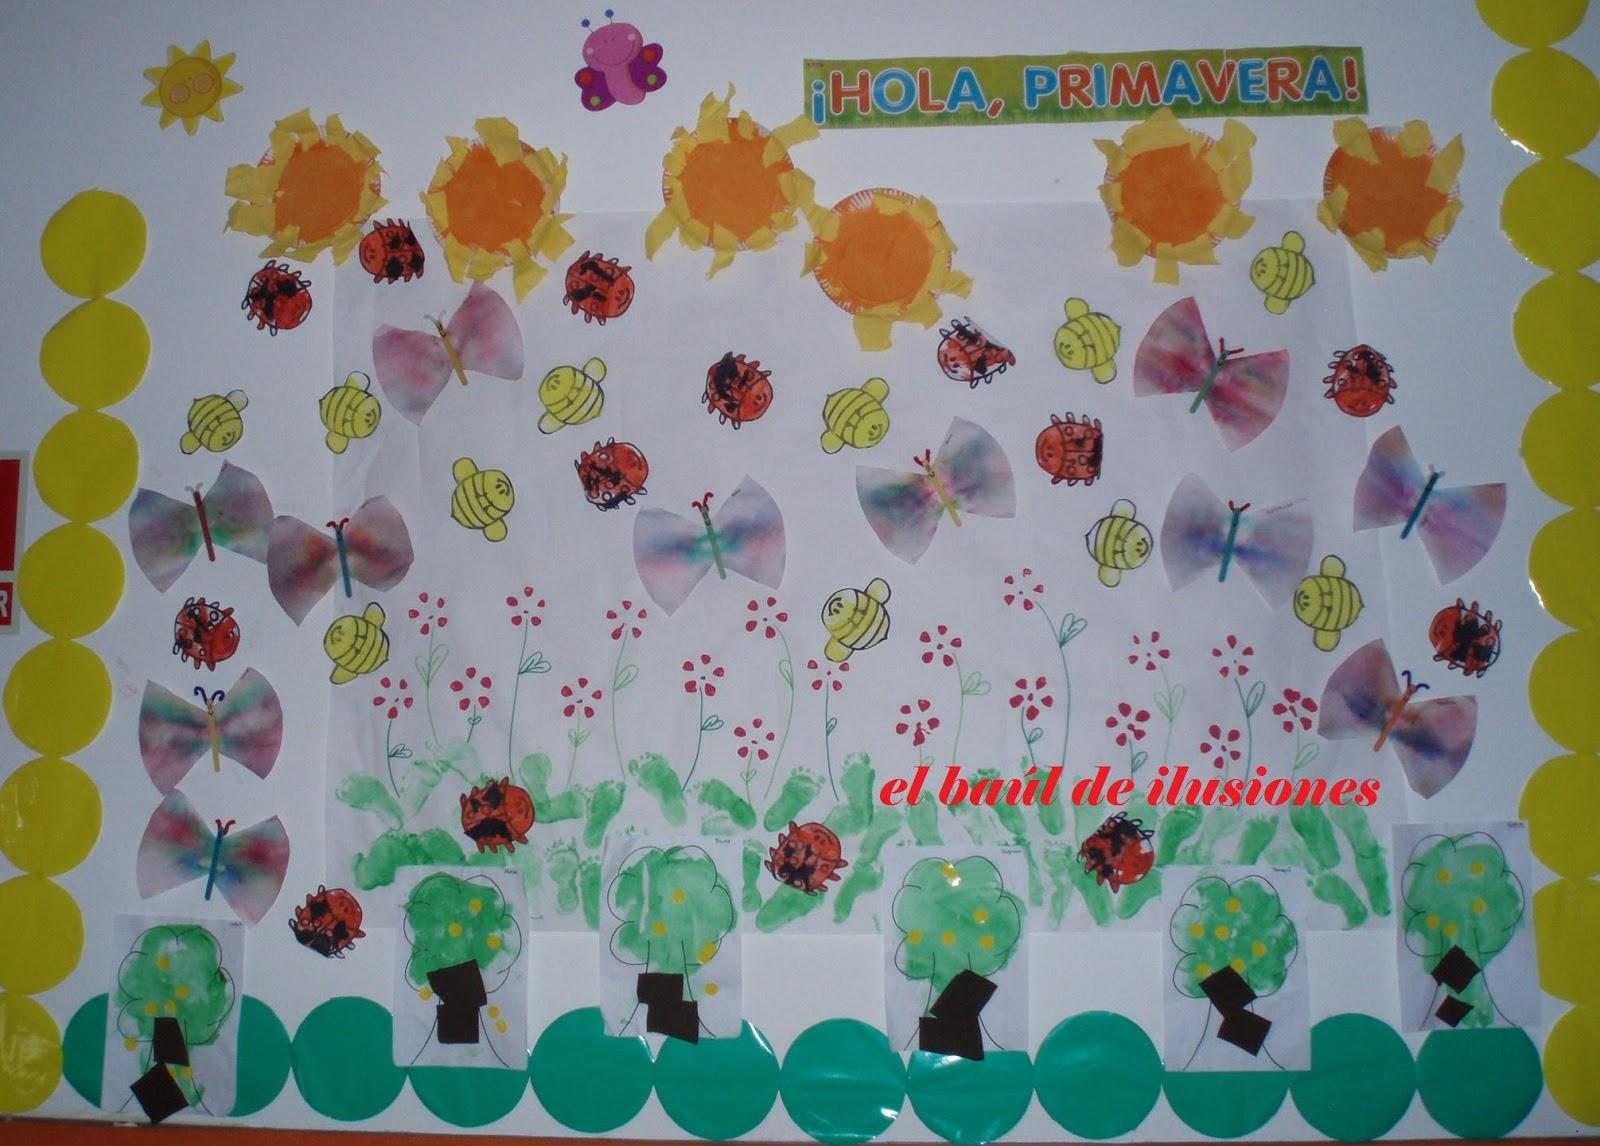 Baul de ilusiones decoraci n de primavera - Decoracion para foto ...